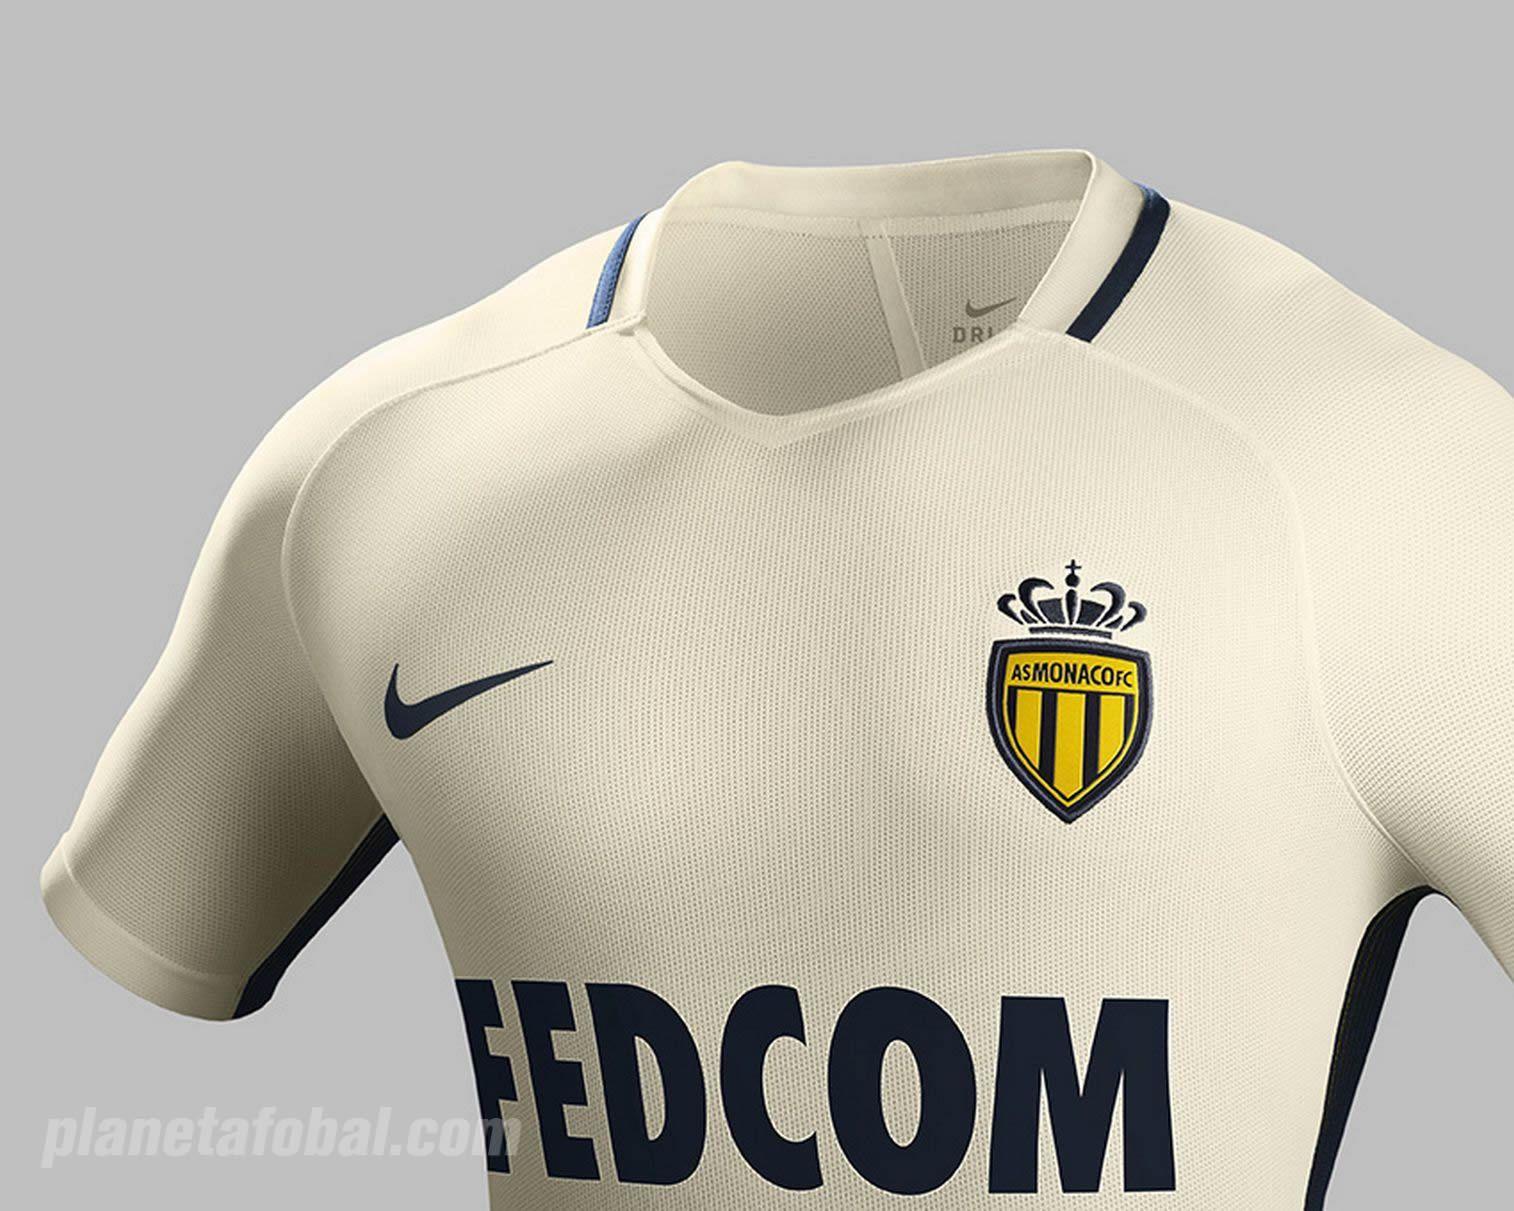 Camiseta suplente del AS Monaco | Foto Nike